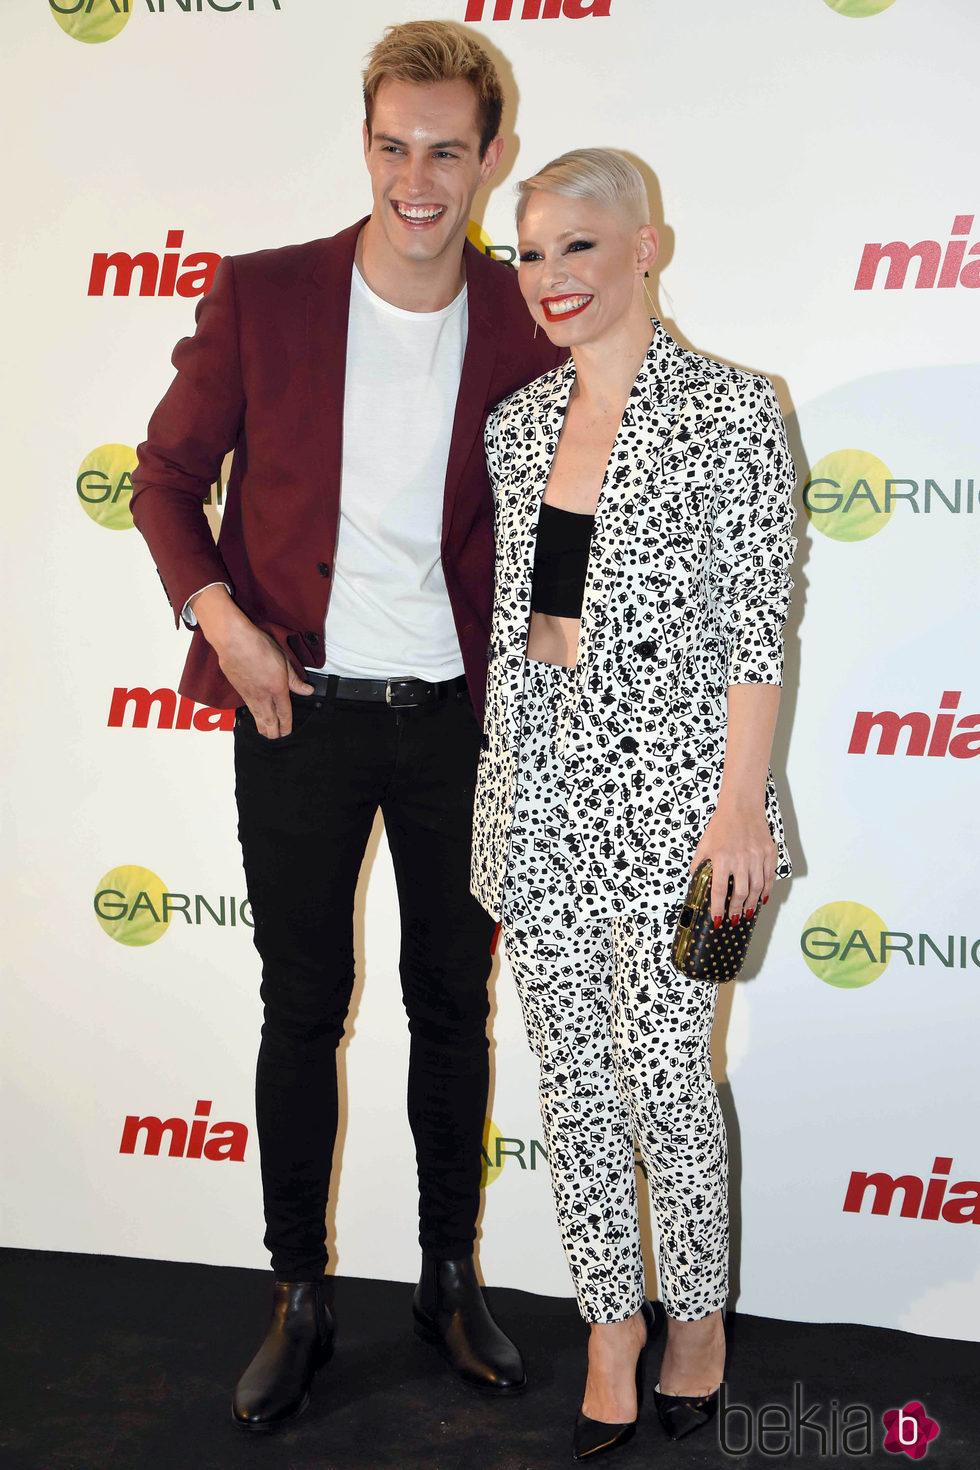 Miguel Herrera y Soraya Arnelas en los Premios Mia 2015